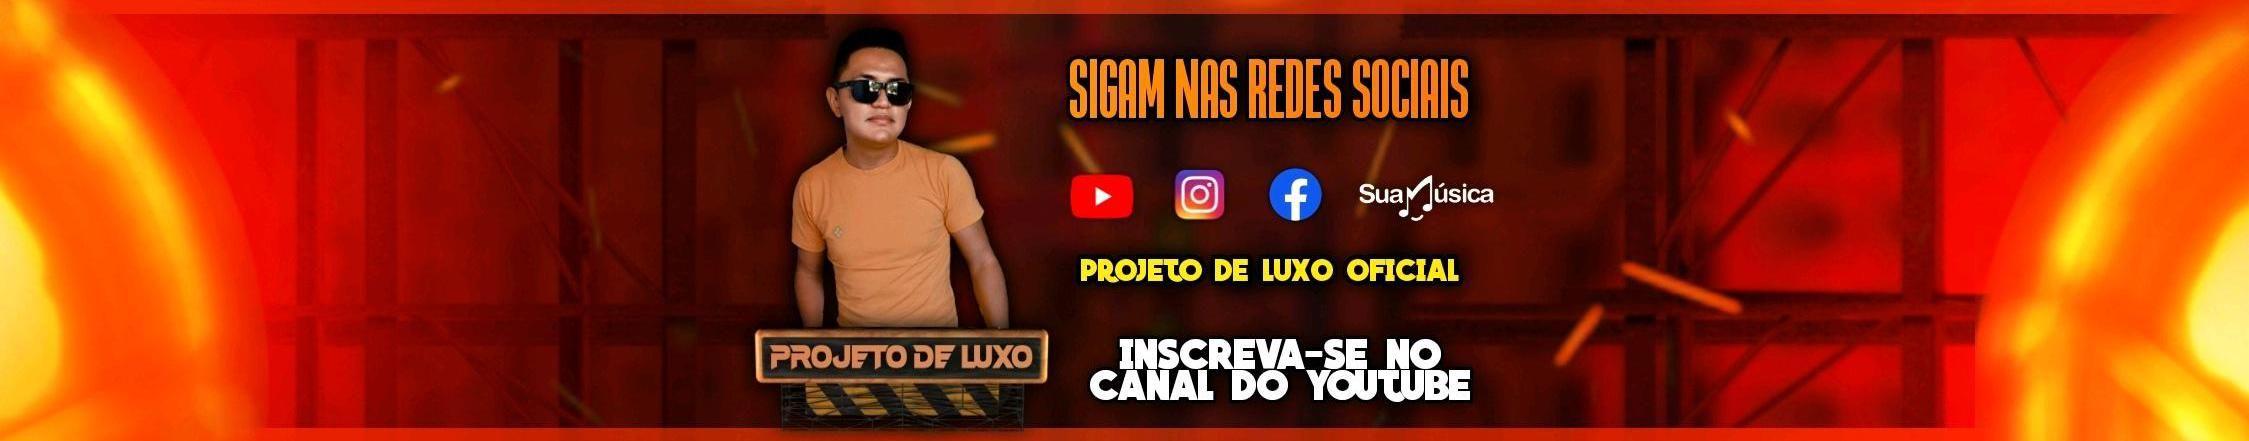 Imagem de capa de PROJETO DE LUXO oficial